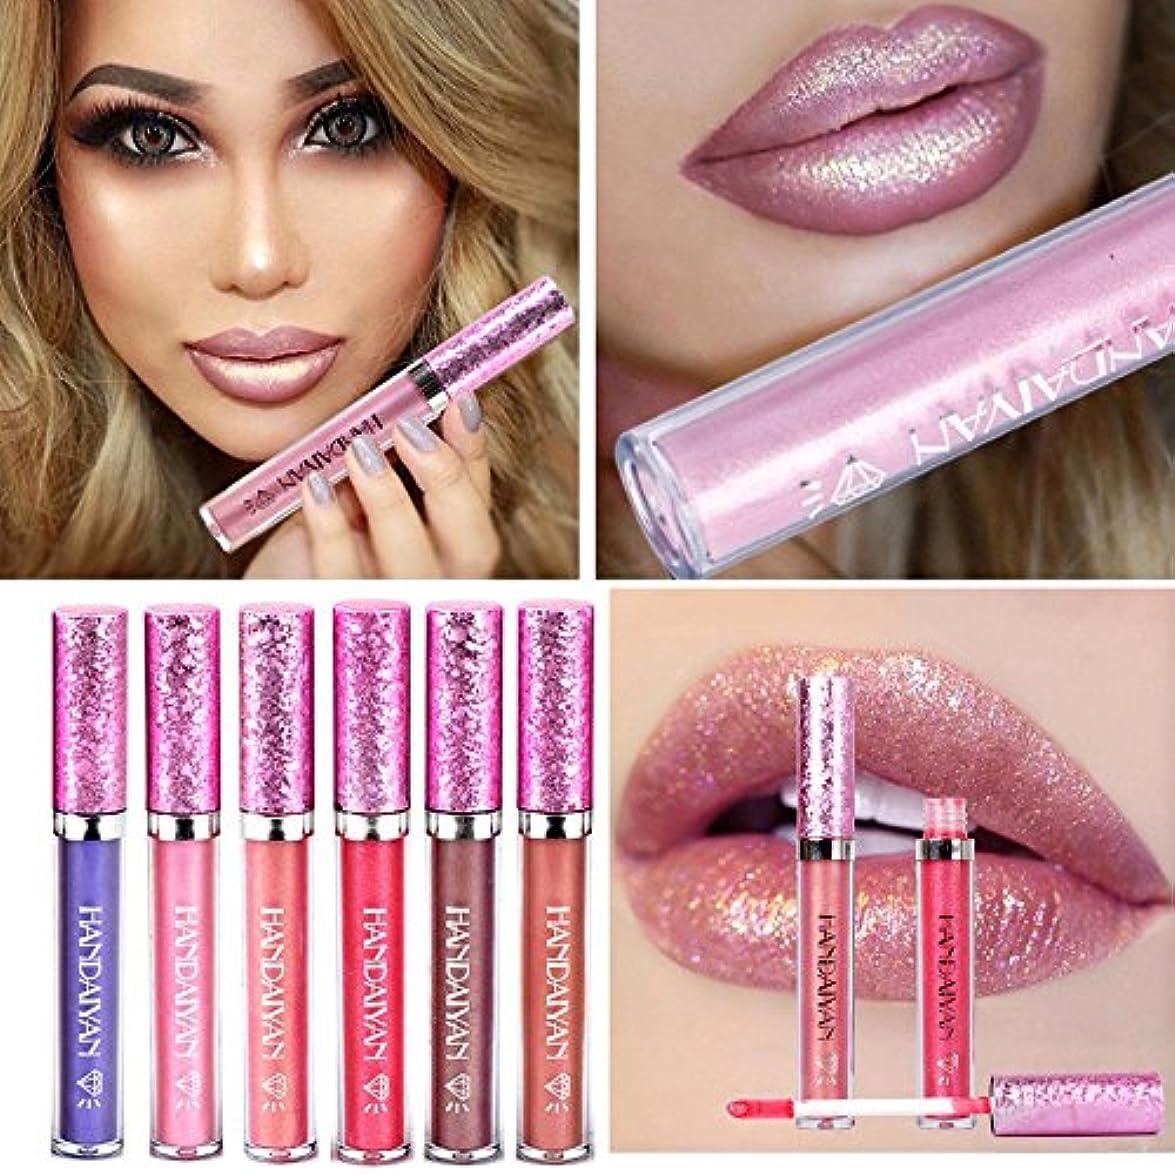 ロッカーびっくりしたあえてHANDAIYAN Liquid Pearly Glitter Lipsticks Set - 6 pcs Long Lasting Nonstick Lip Gloss Mermaid Waterproof Lipstick...